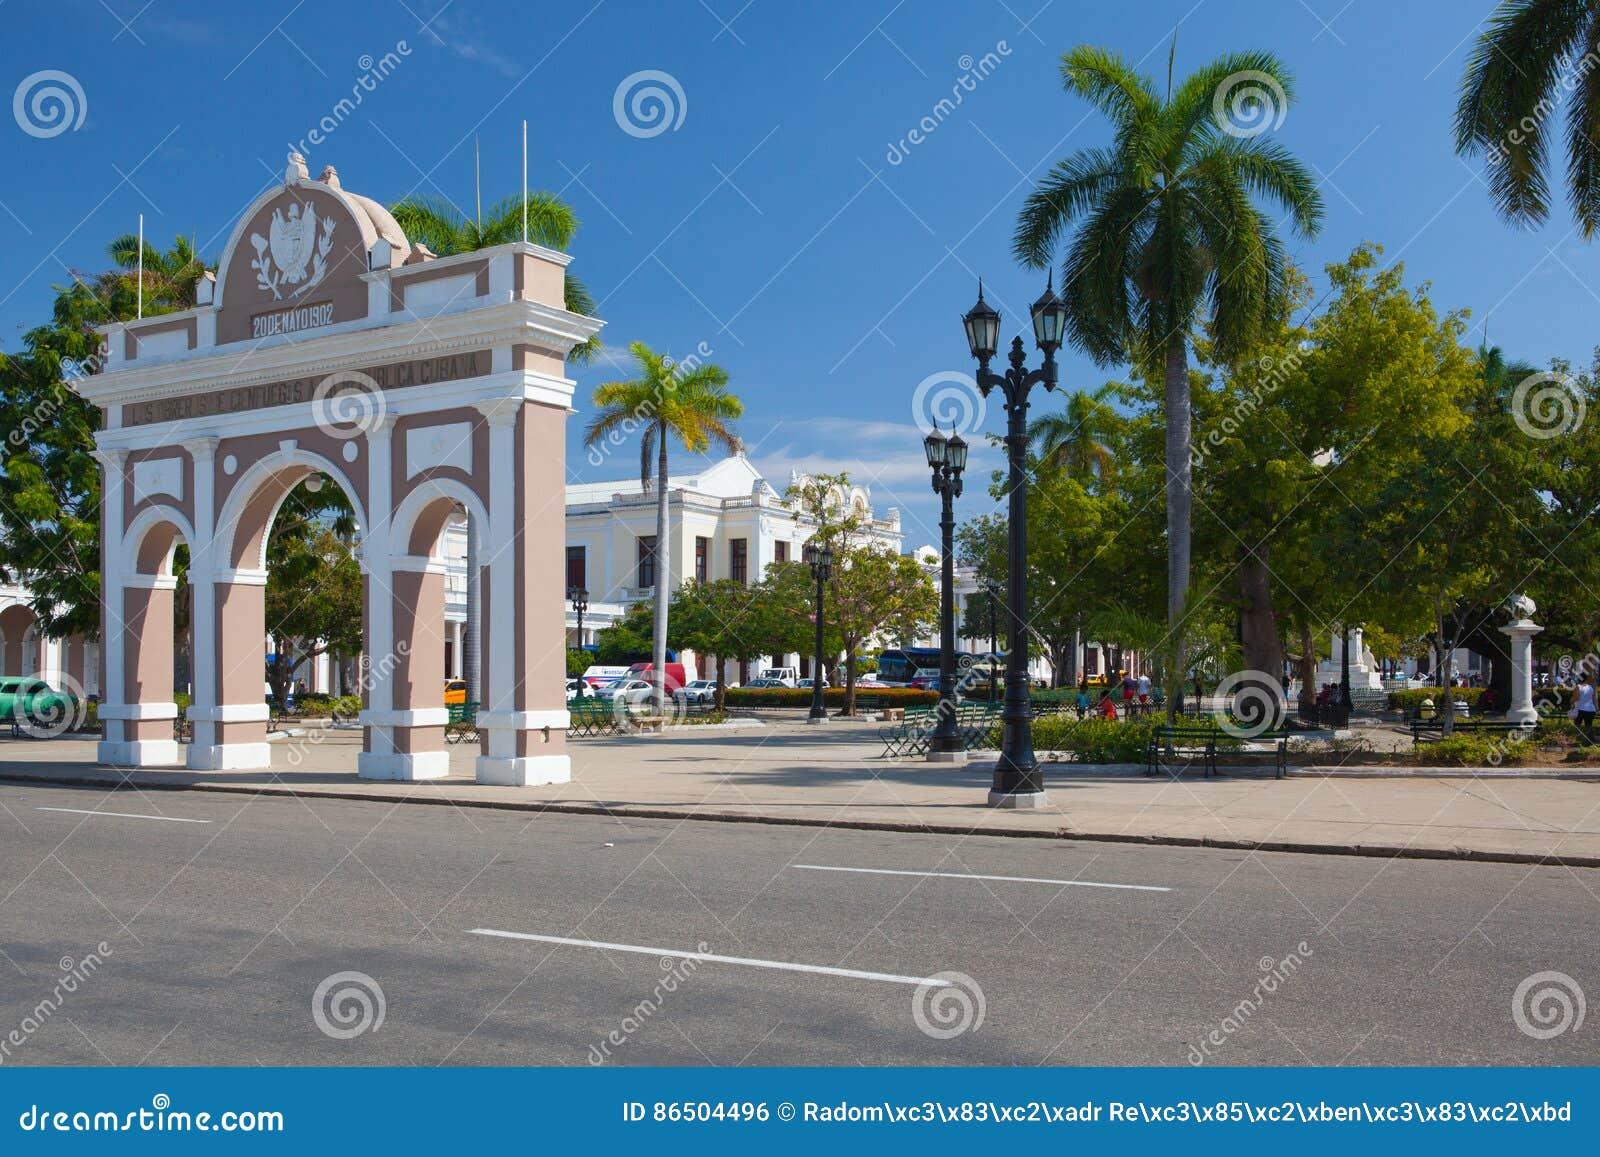 Bågen av Triumph i Jose Marti Park, Cienfuegos, Kuba